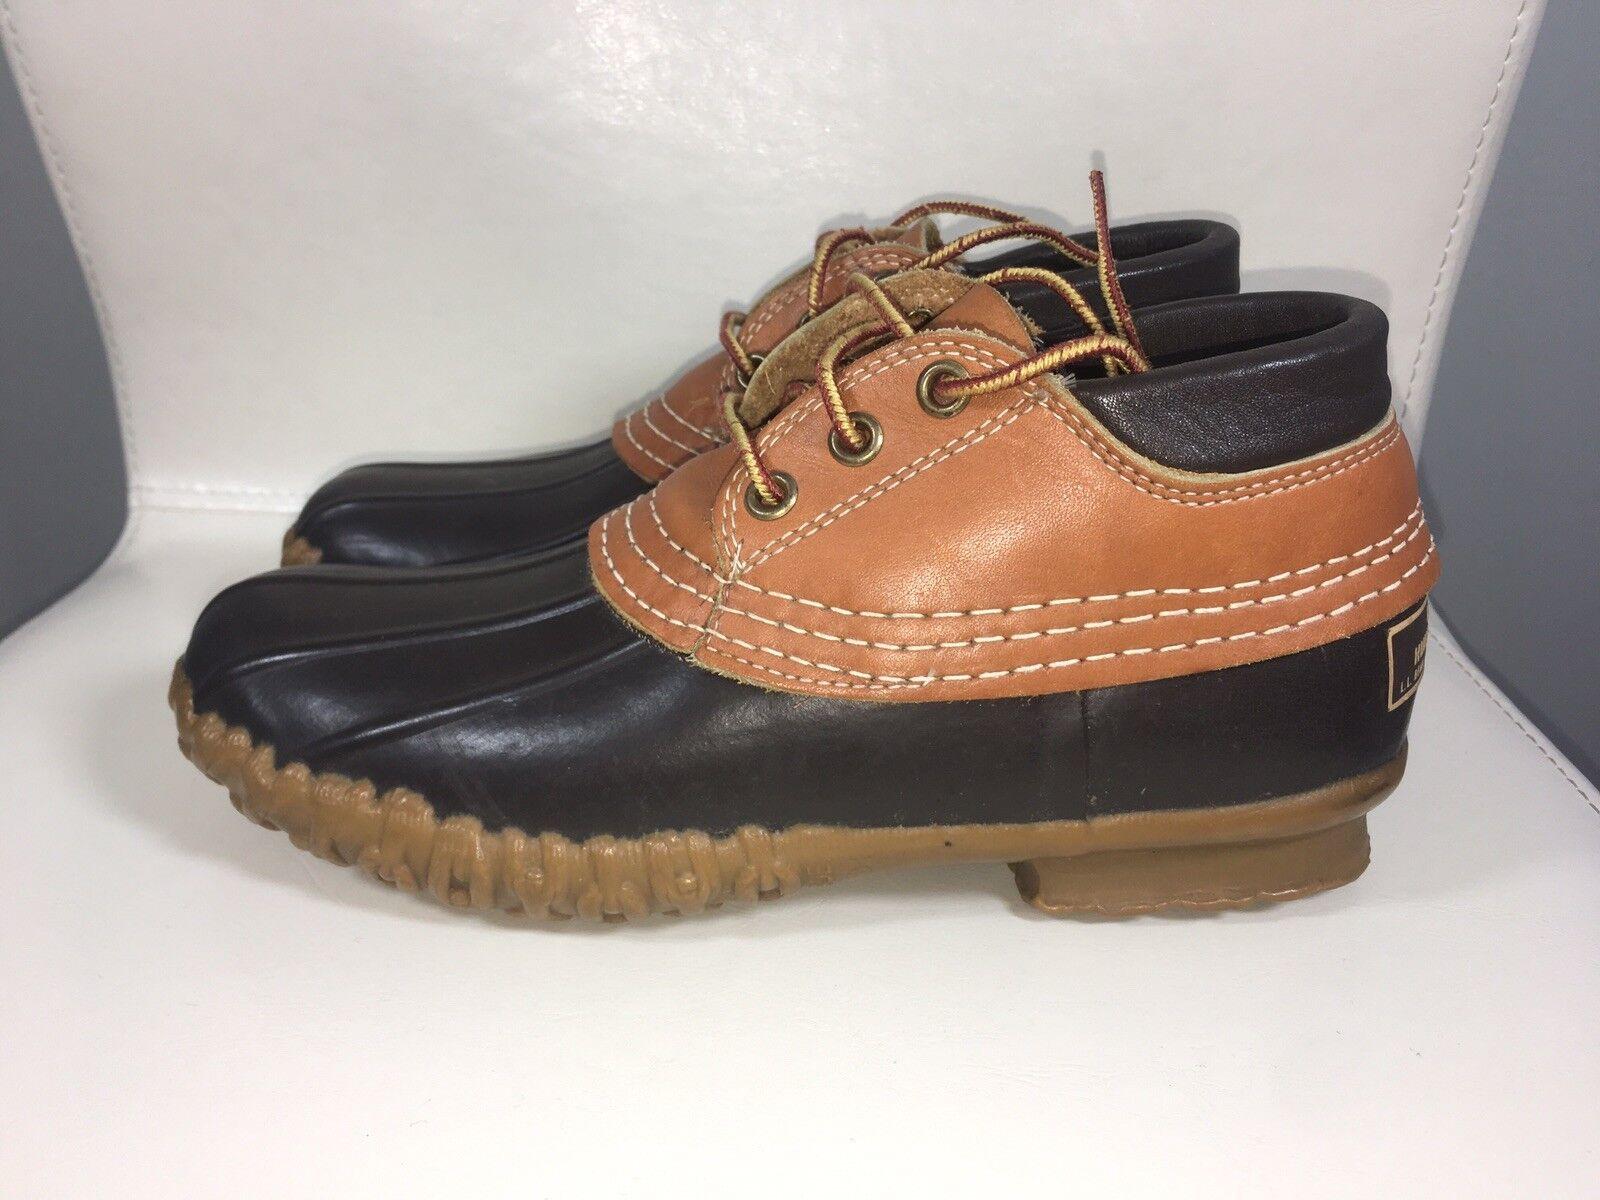 più economico Vintage MAINE HUNTING scarpe L.L. BEAN Gumshoe Padded Collar Collar Collar Duck stivali Uomo 6  molte sorprese